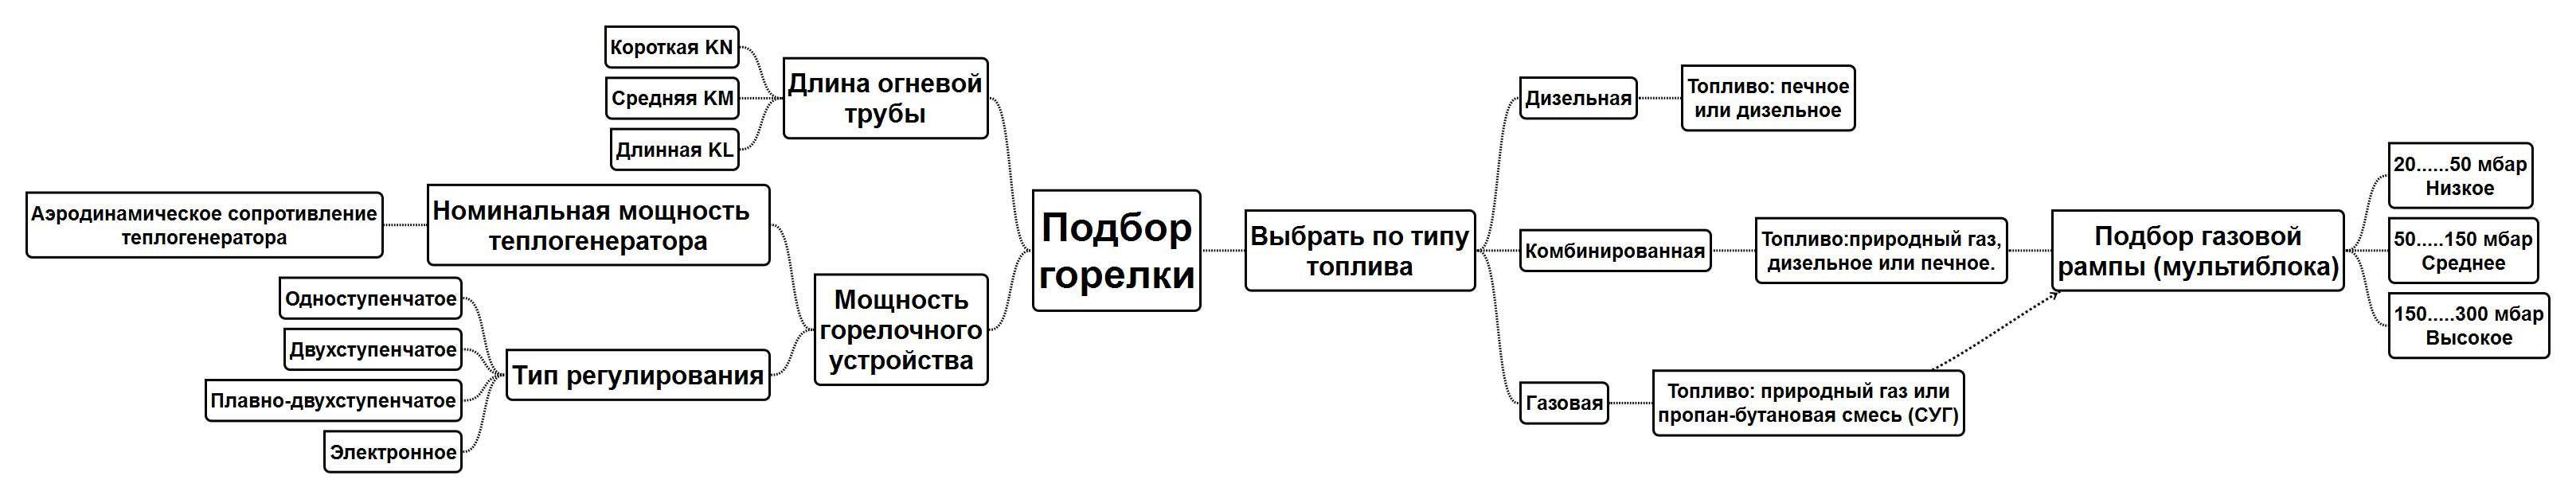 Схема подбора